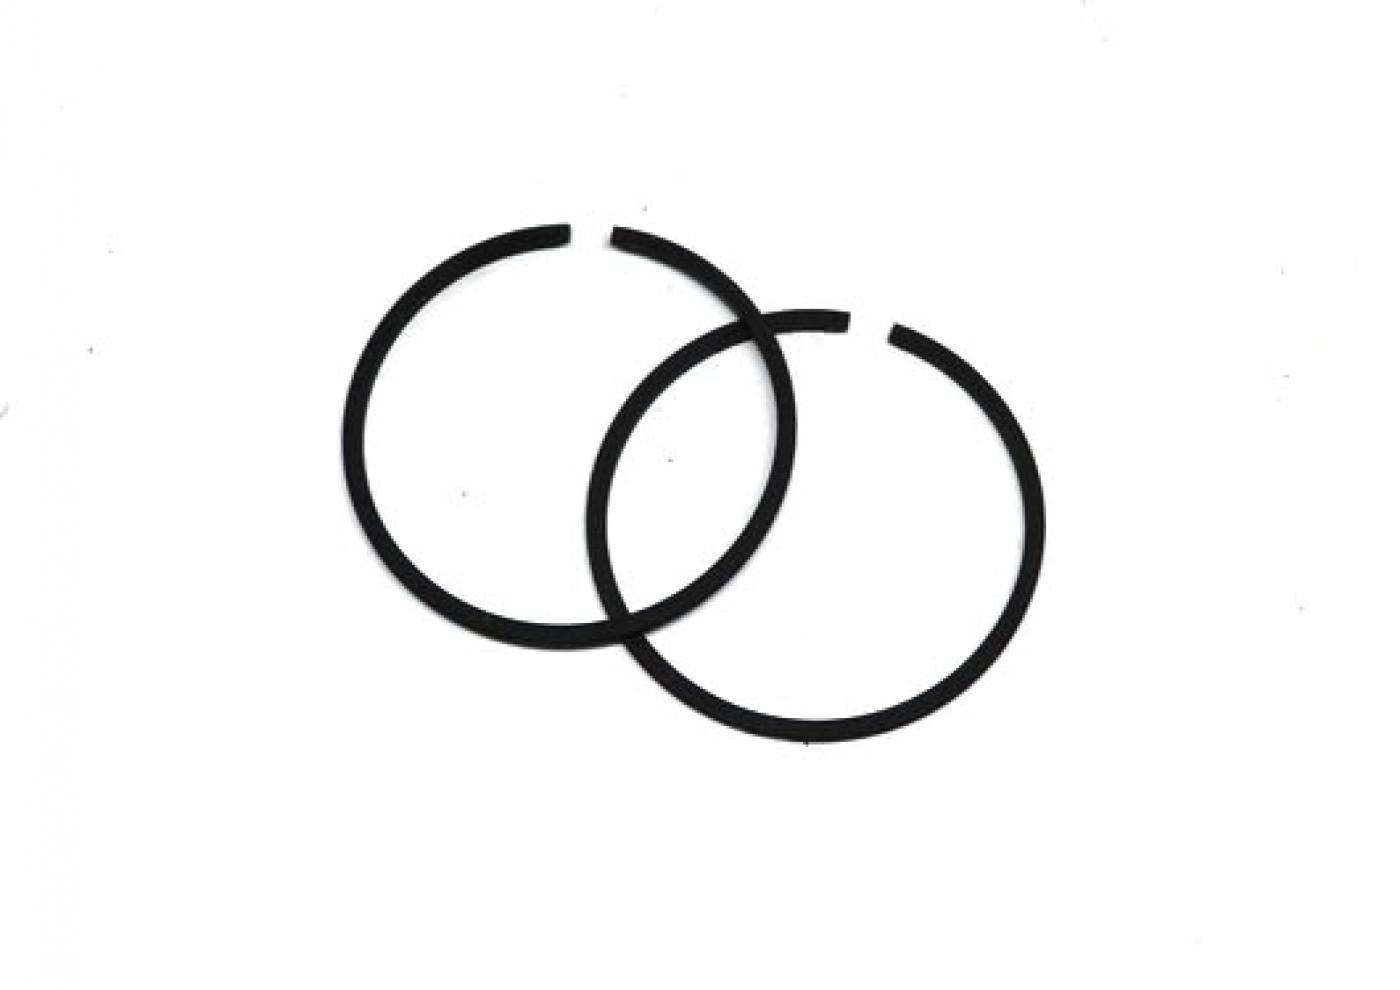 Sada pístních kroužků Stihl MS181